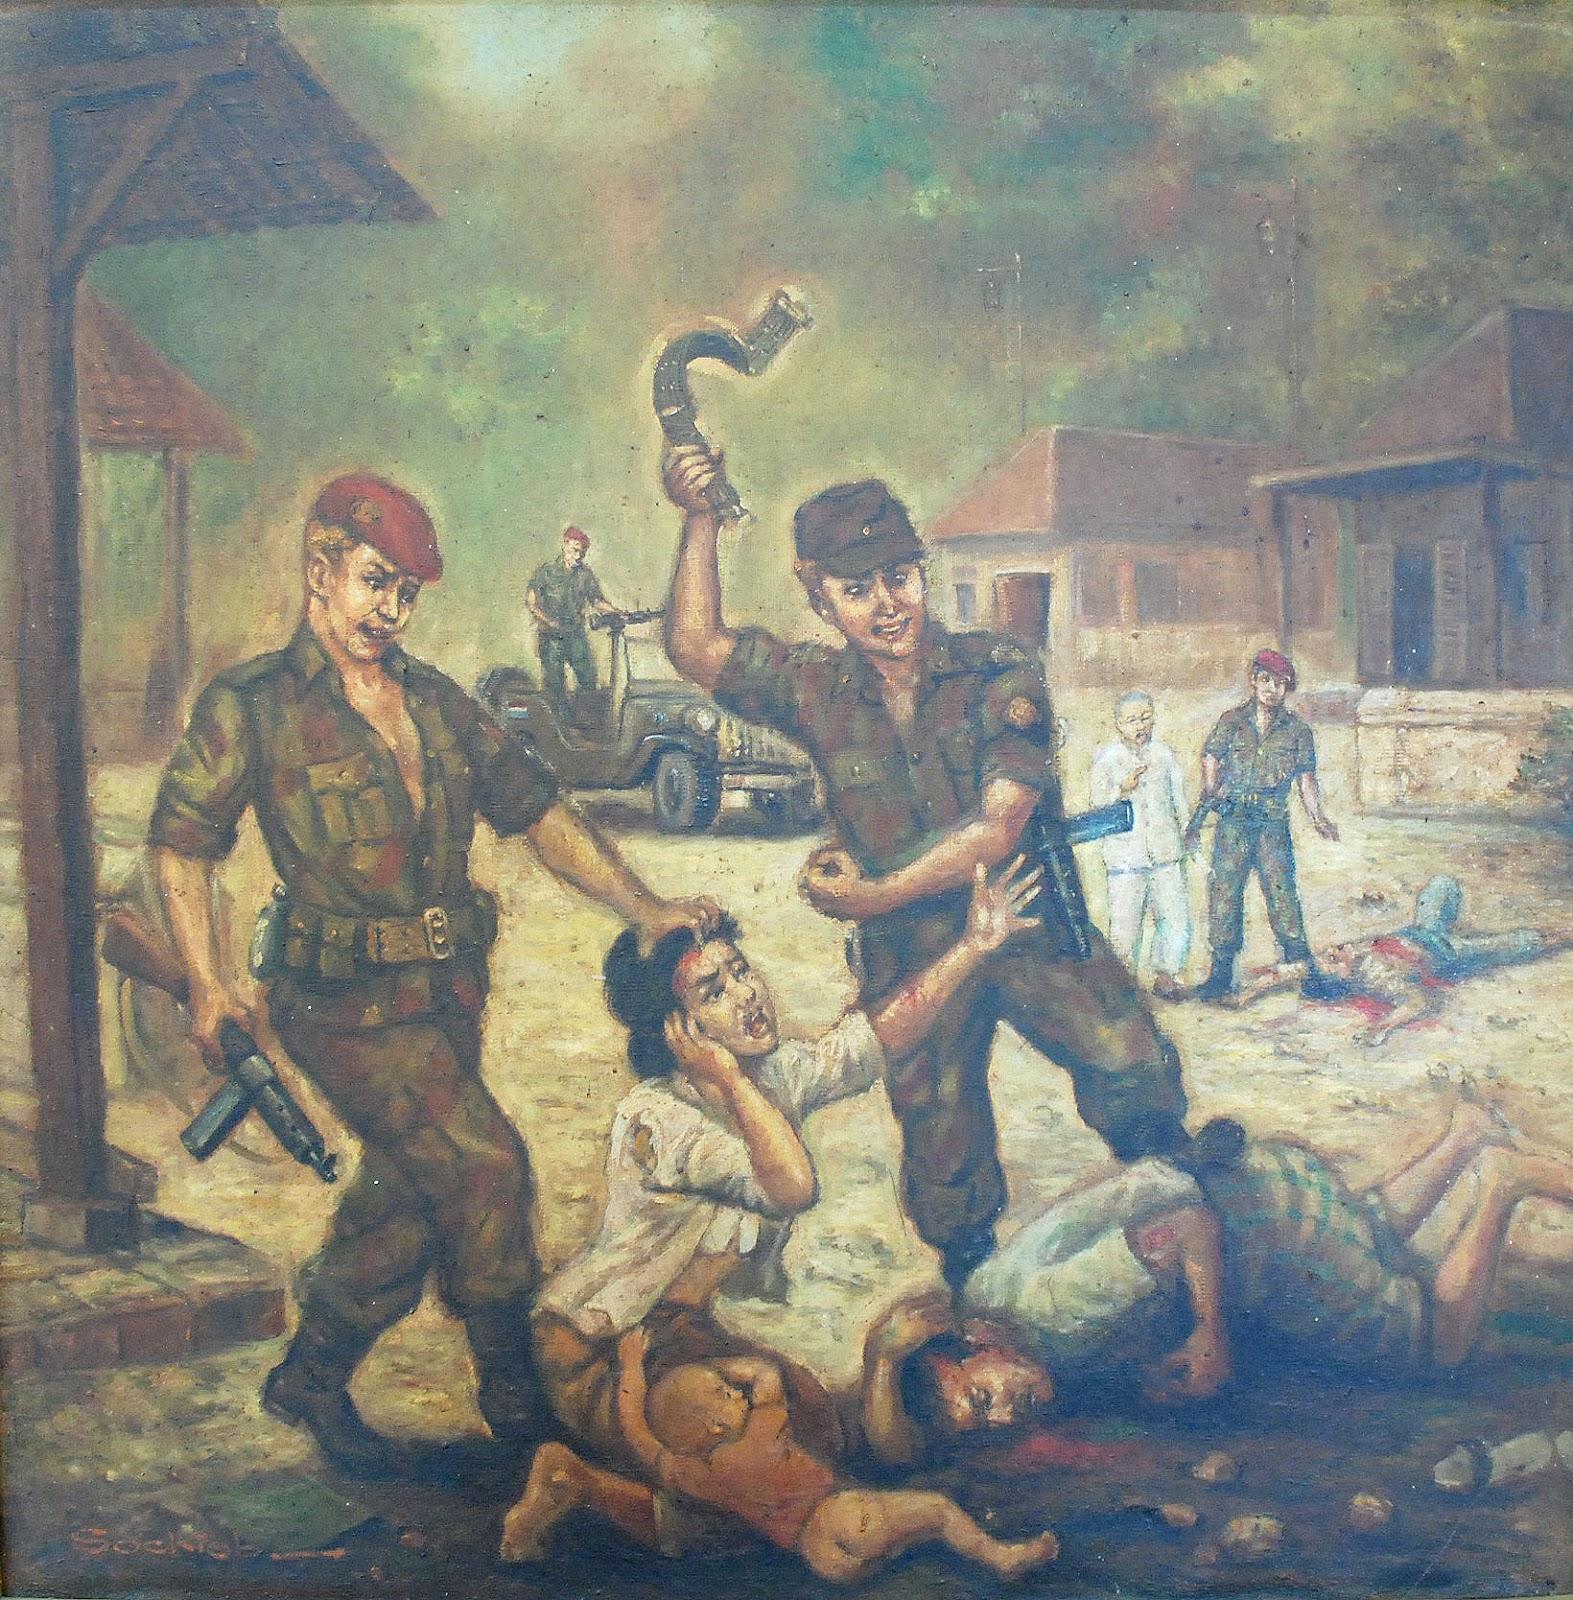 perjuangan indonesia 1 photo perjuangan indonesia 2 photo perjuangan ...